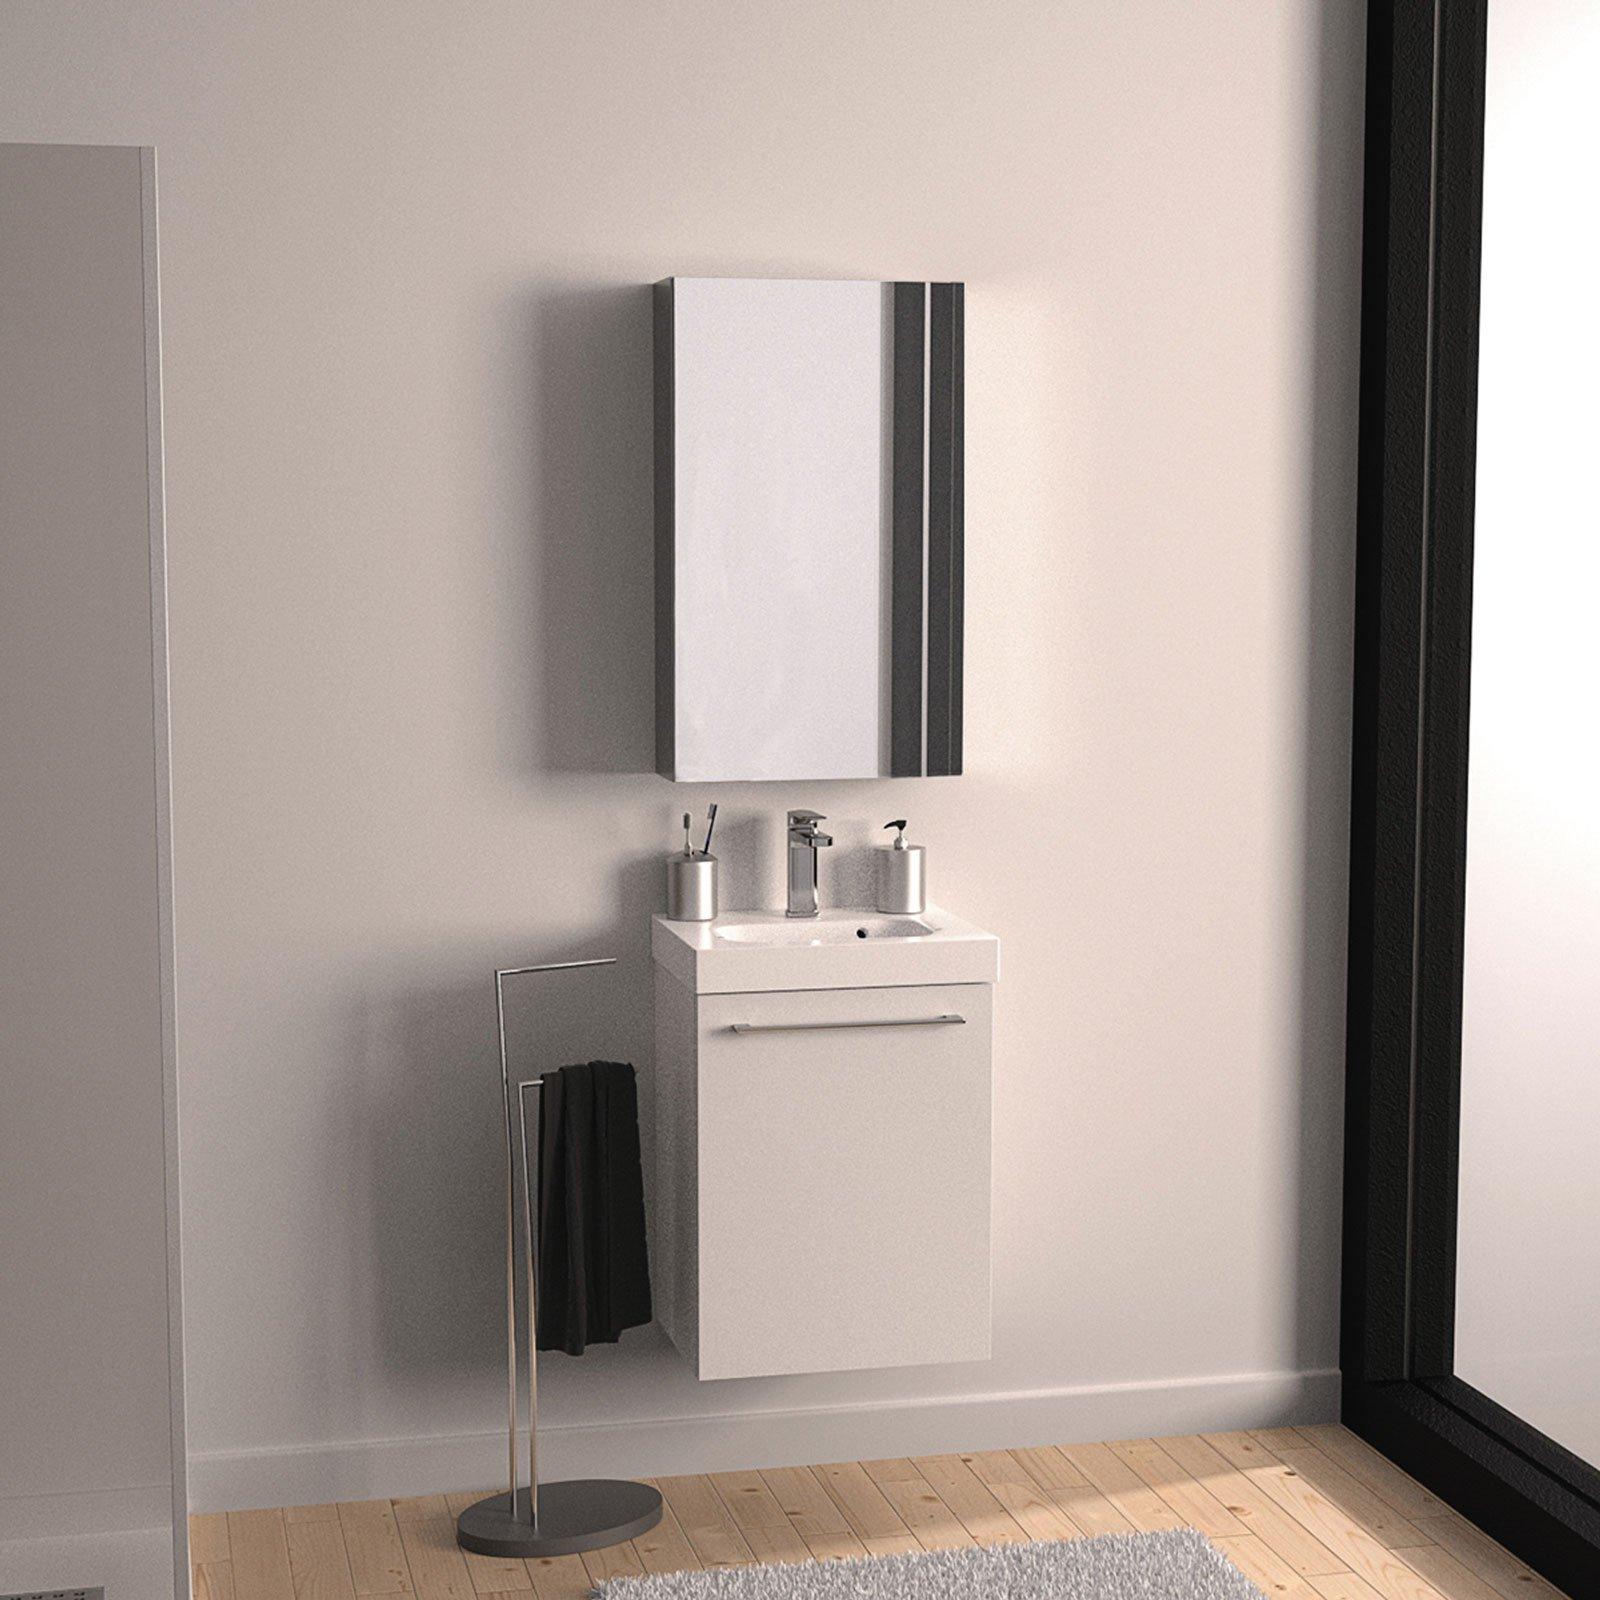 disponibile in altri quattro colori il mobile lavabo remix 1 di leroy merlin bianco lucido